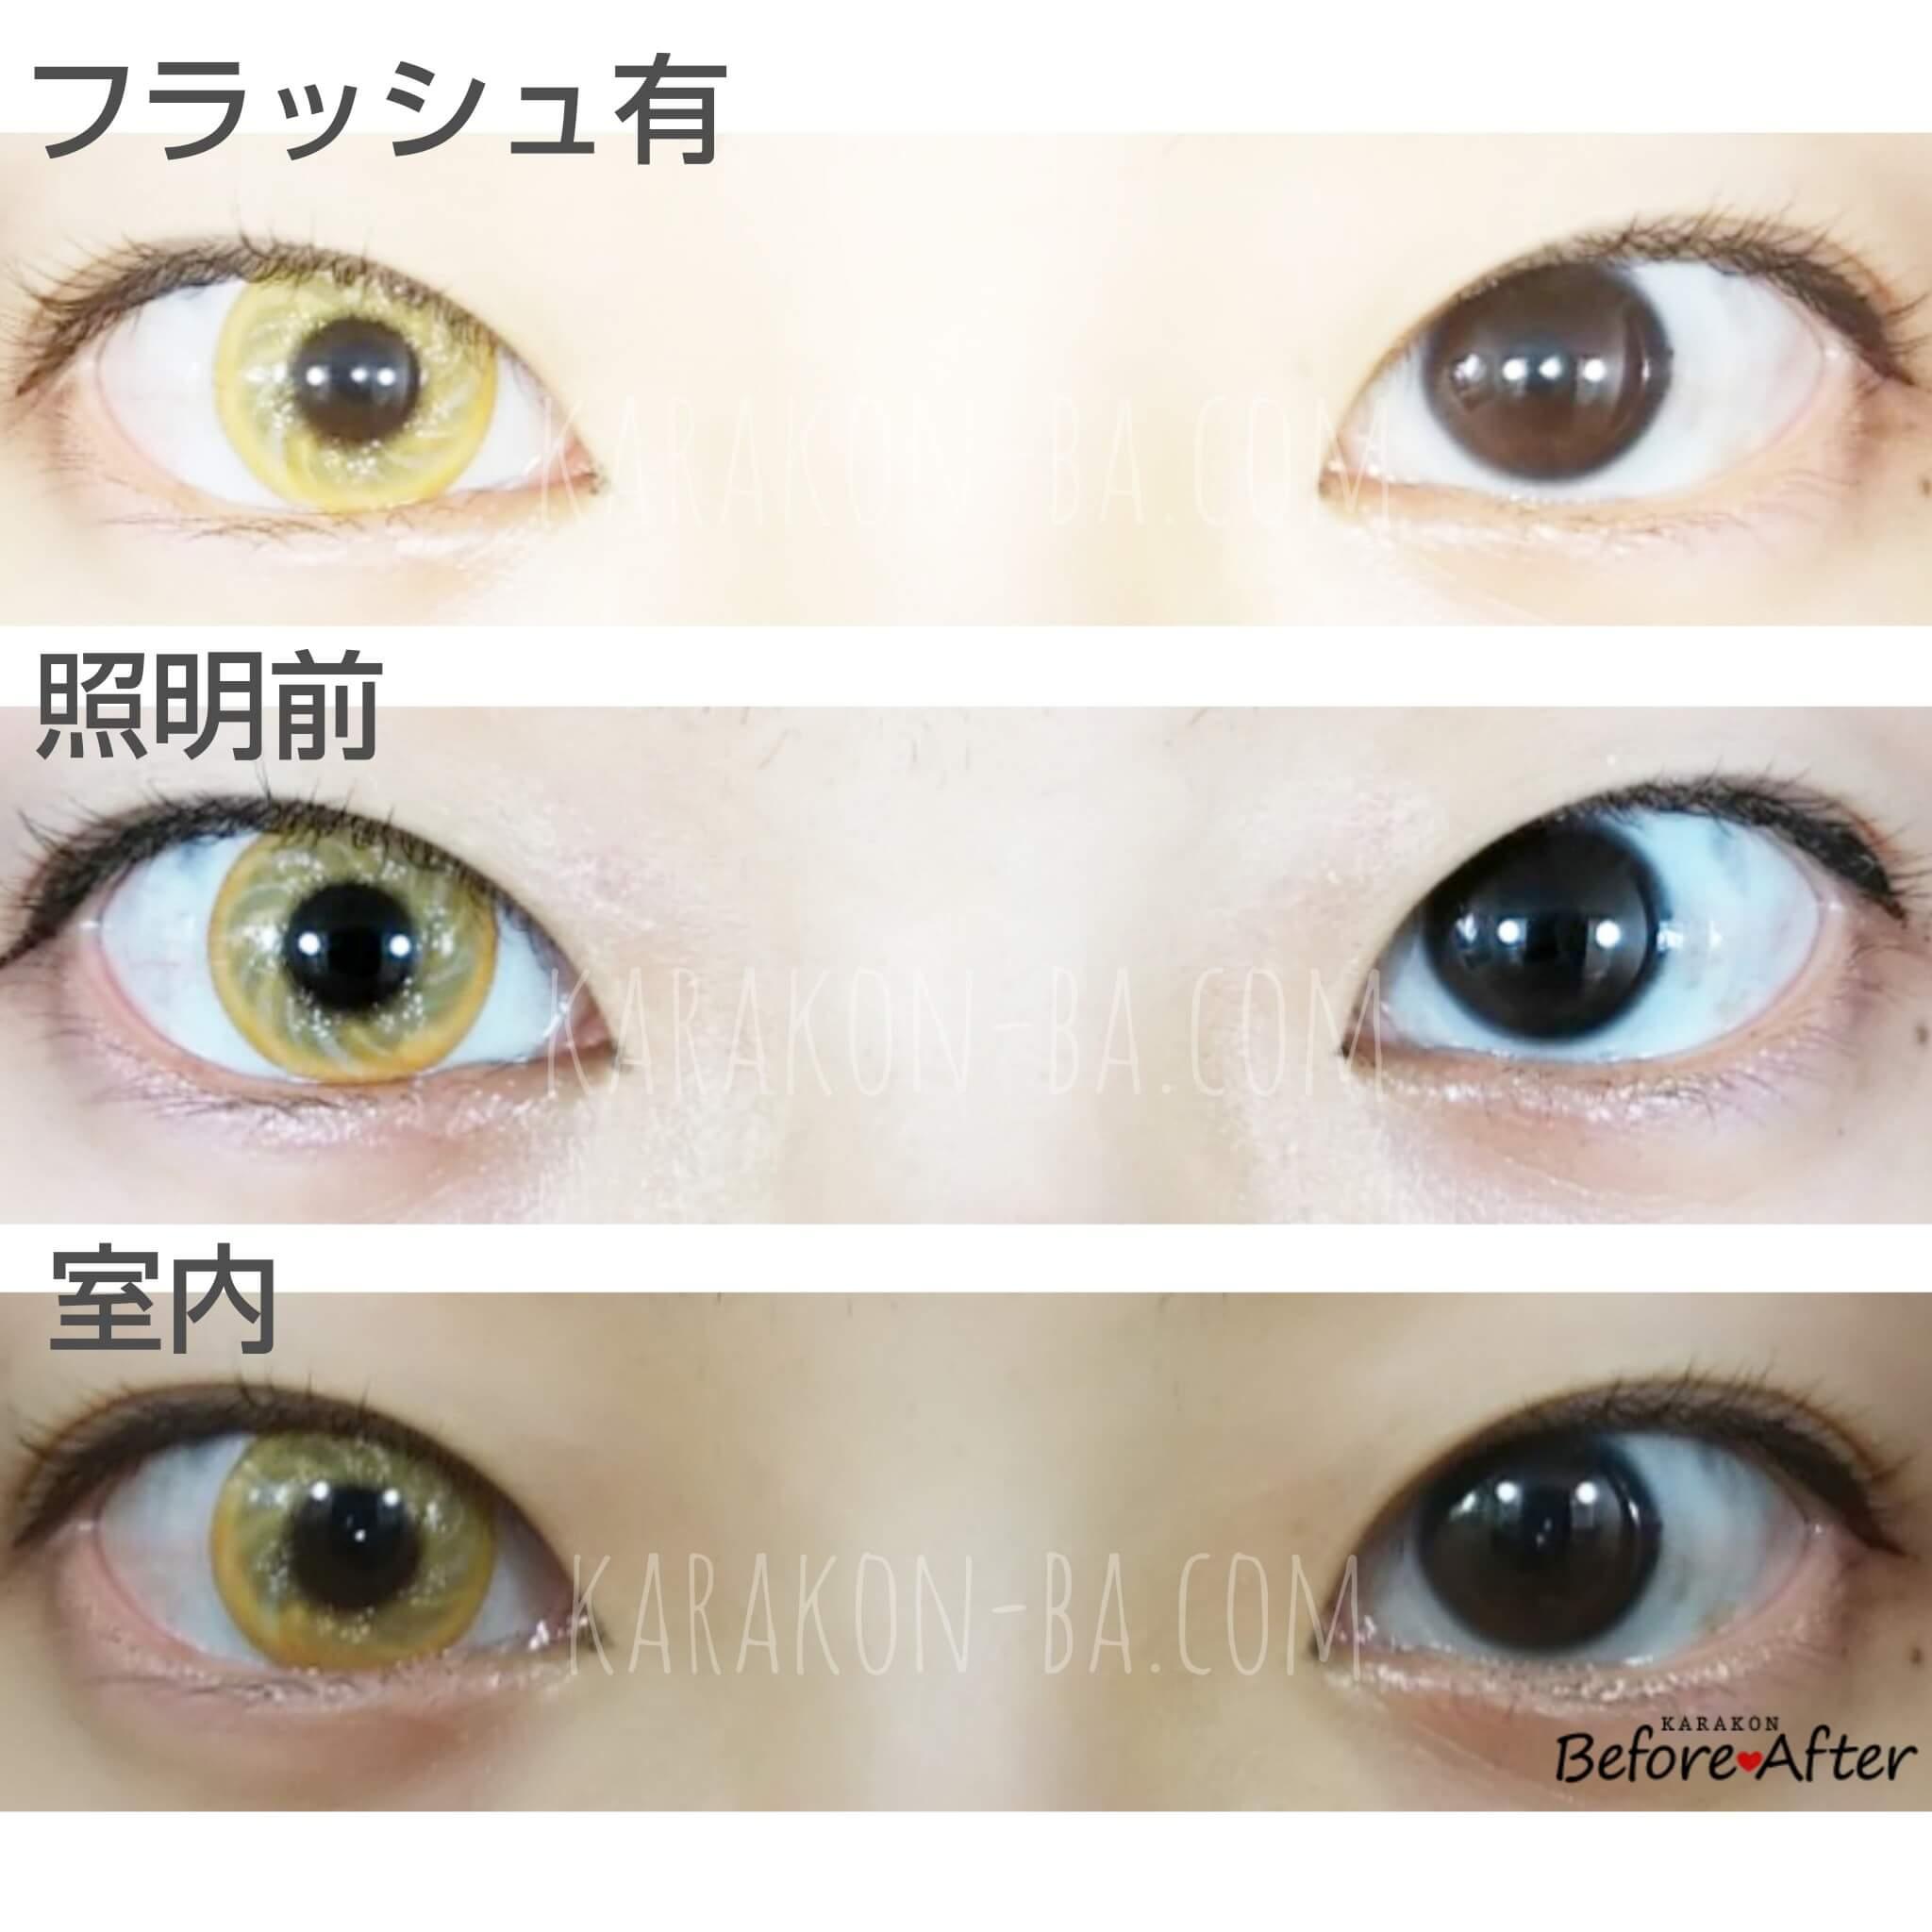 プリズムゴールドのカラコン装着画像/裸眼と比較